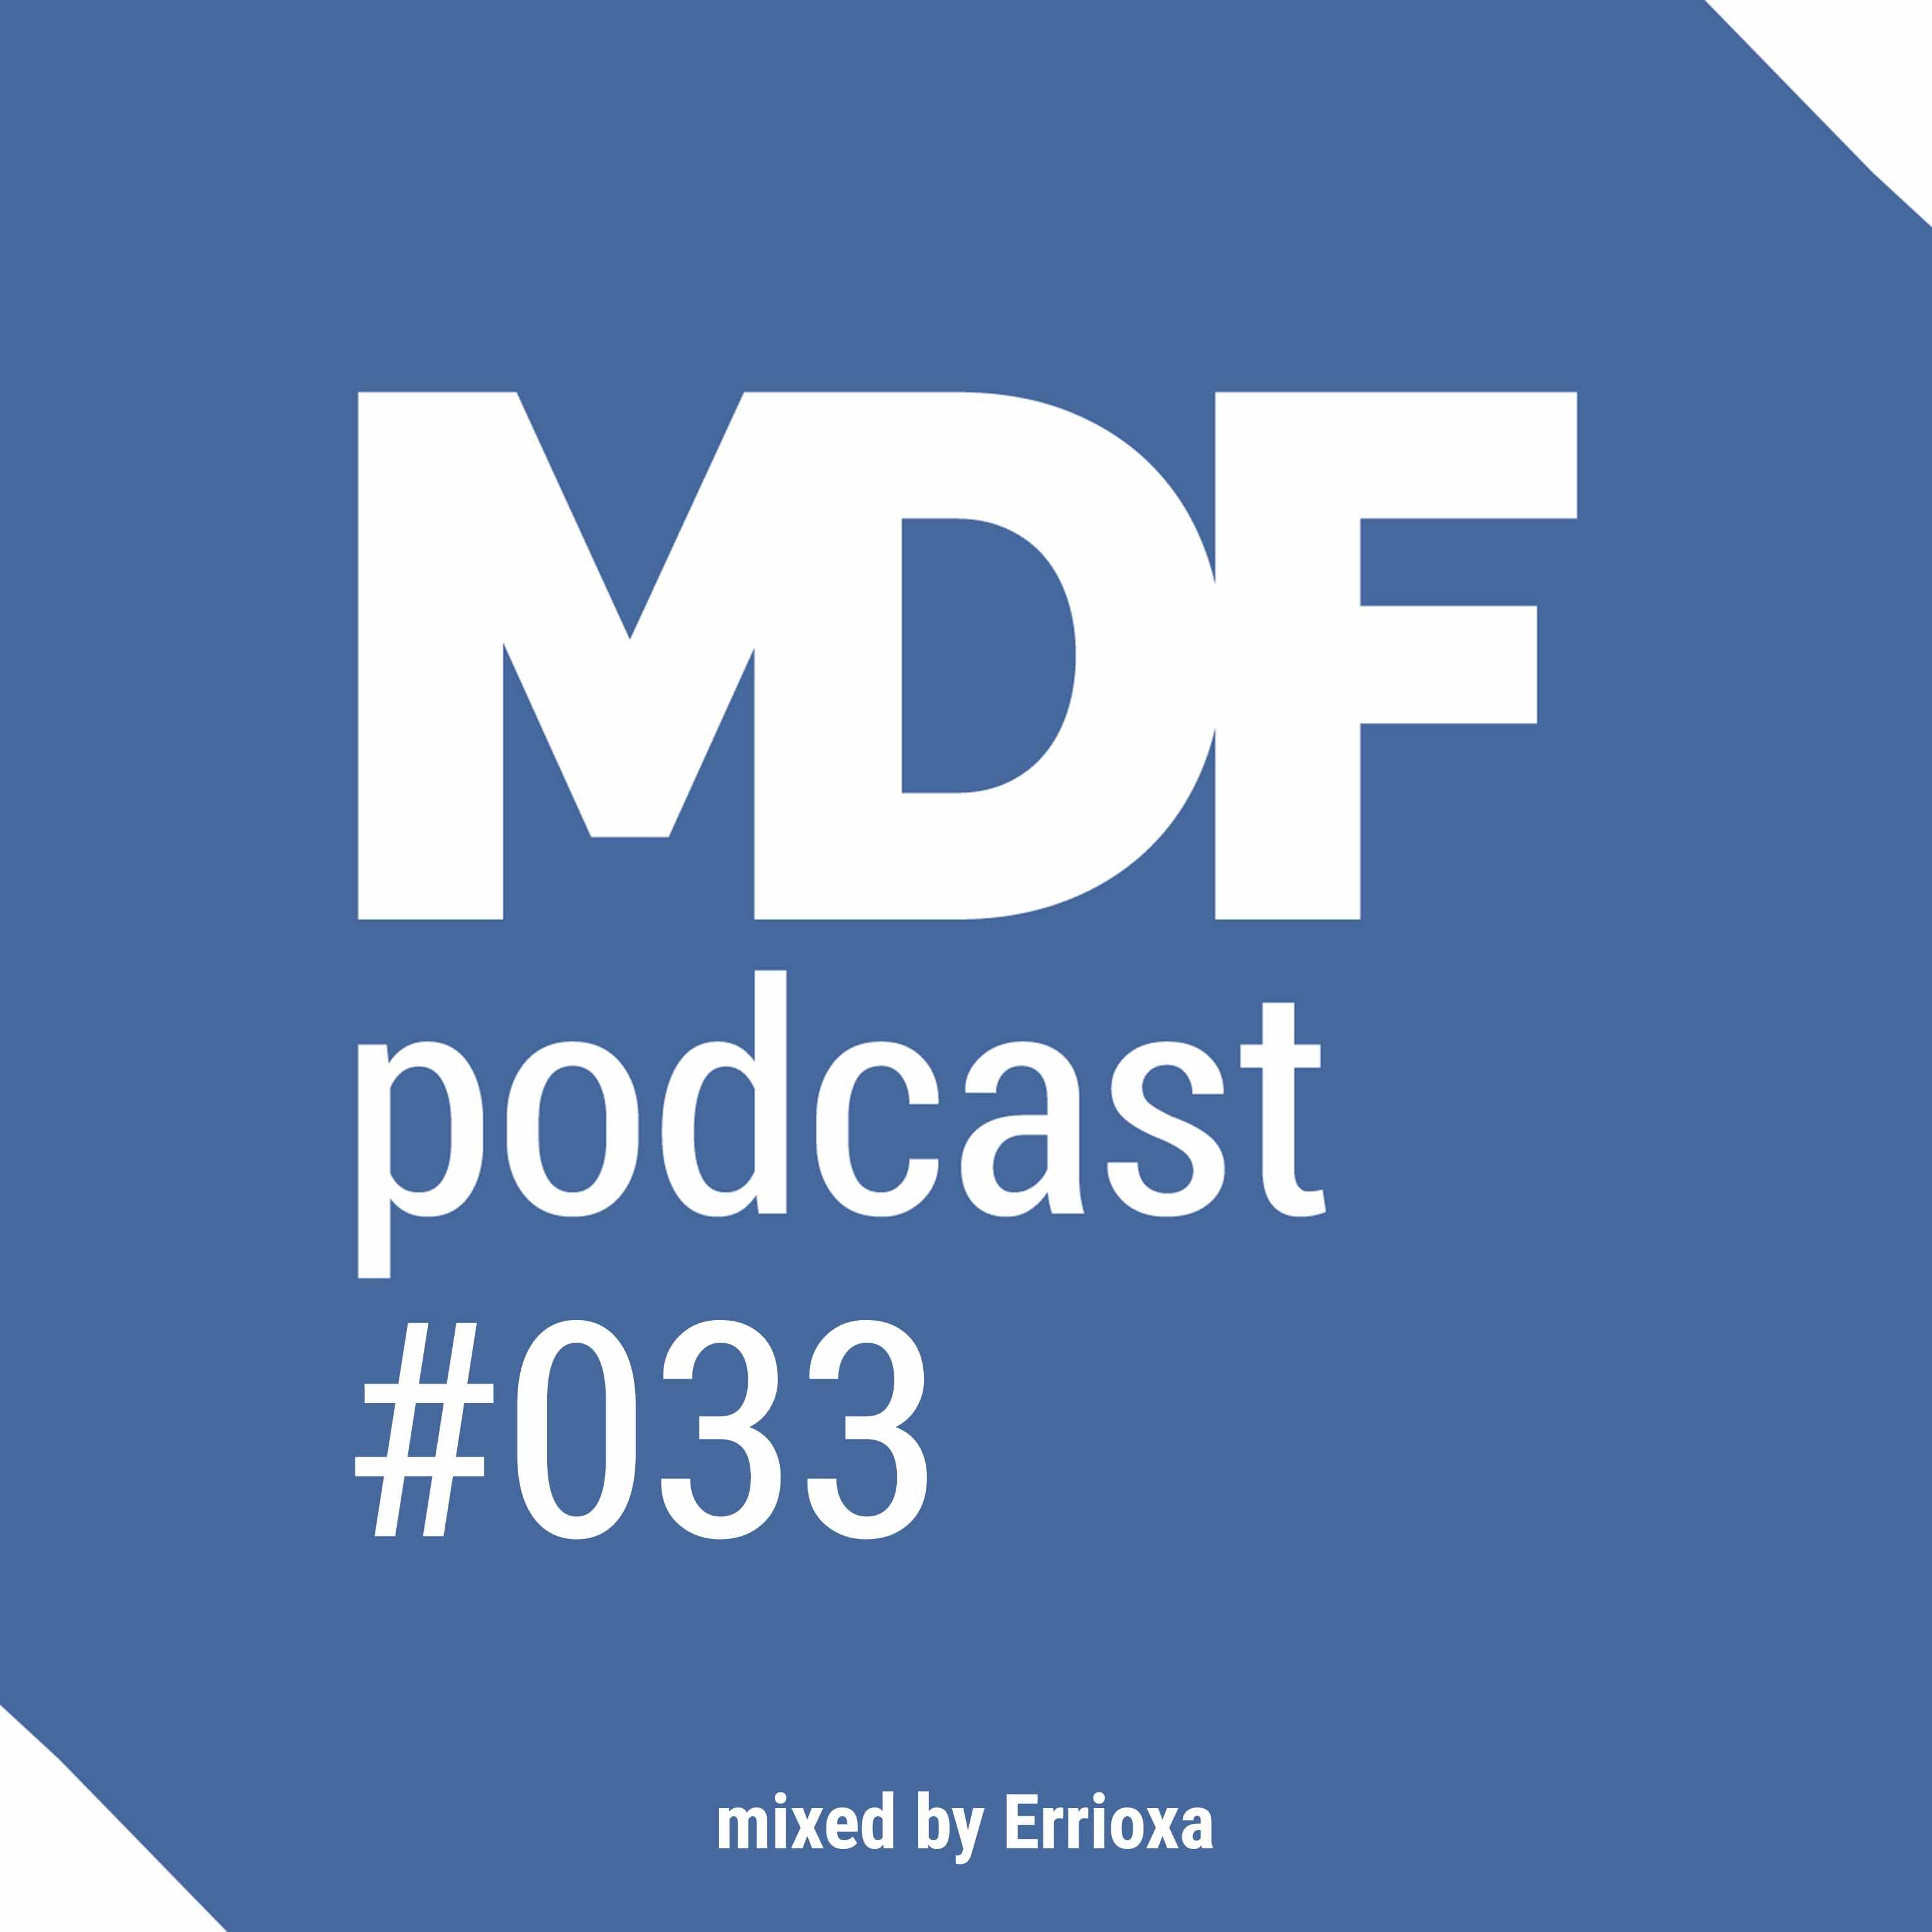 MDF Podcast o33